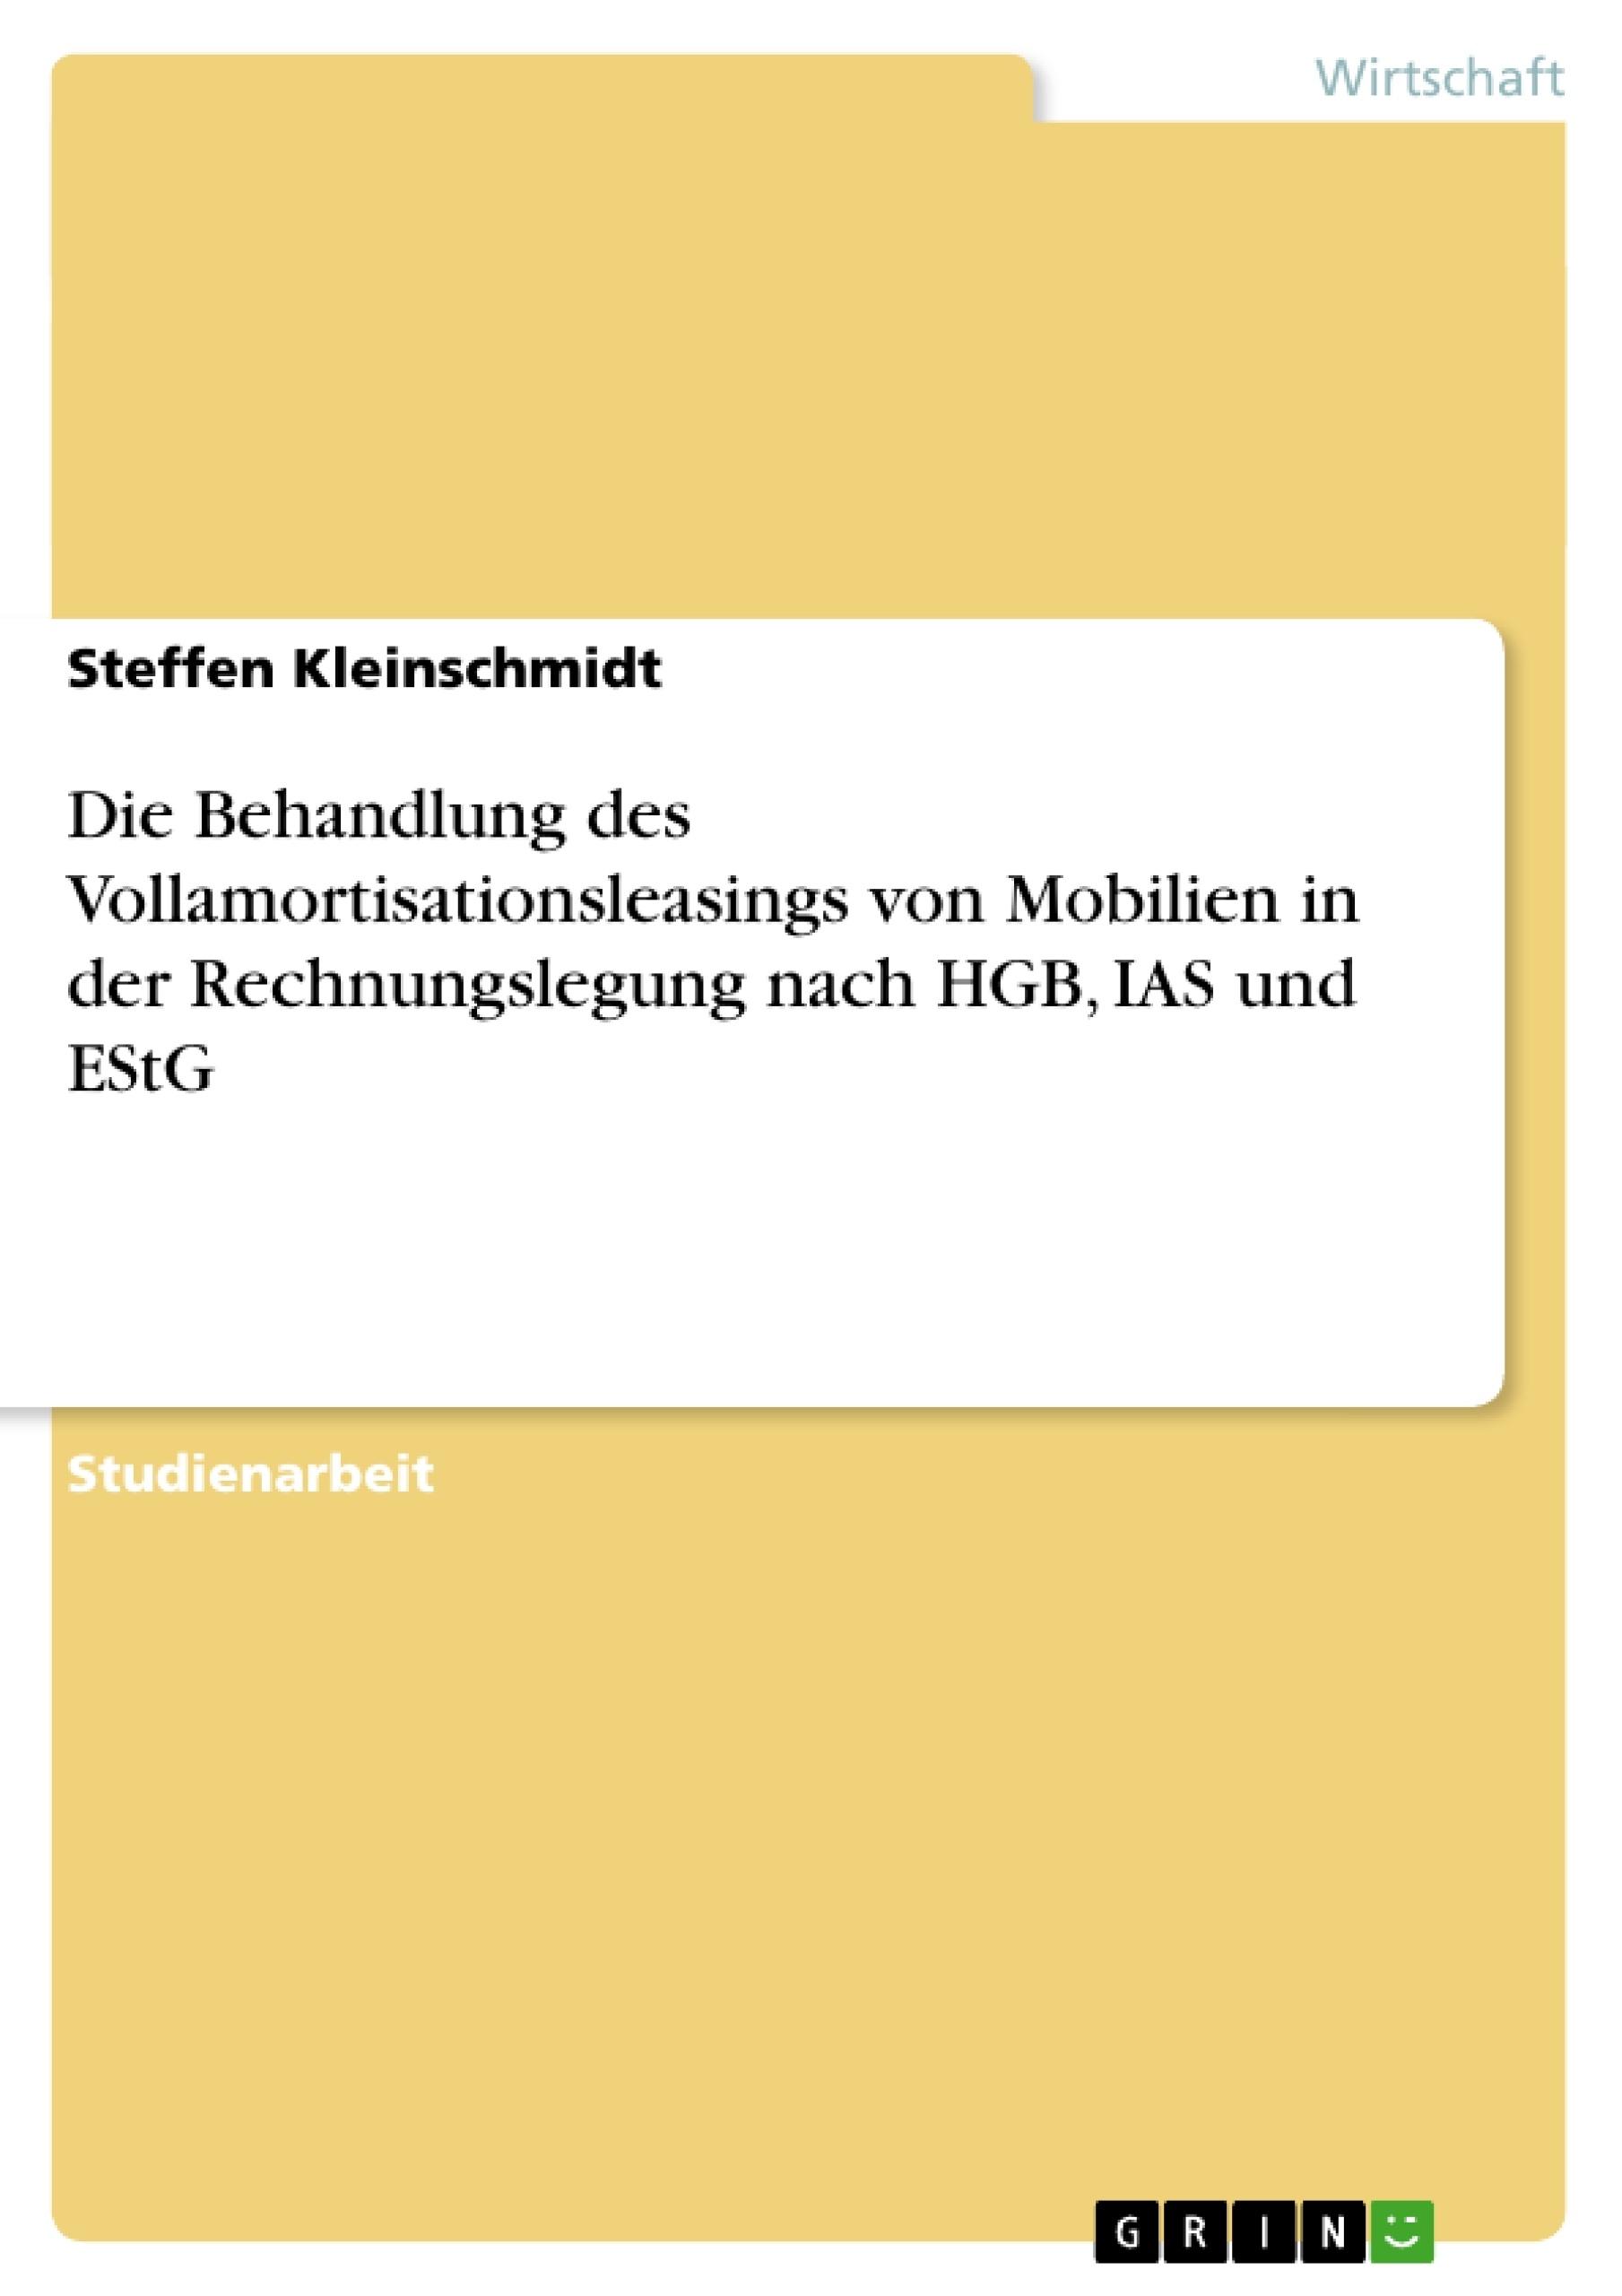 Titel: Die Behandlung des Vollamortisationsleasings von Mobilien in der Rechnungslegung nach HGB, IAS und EStG